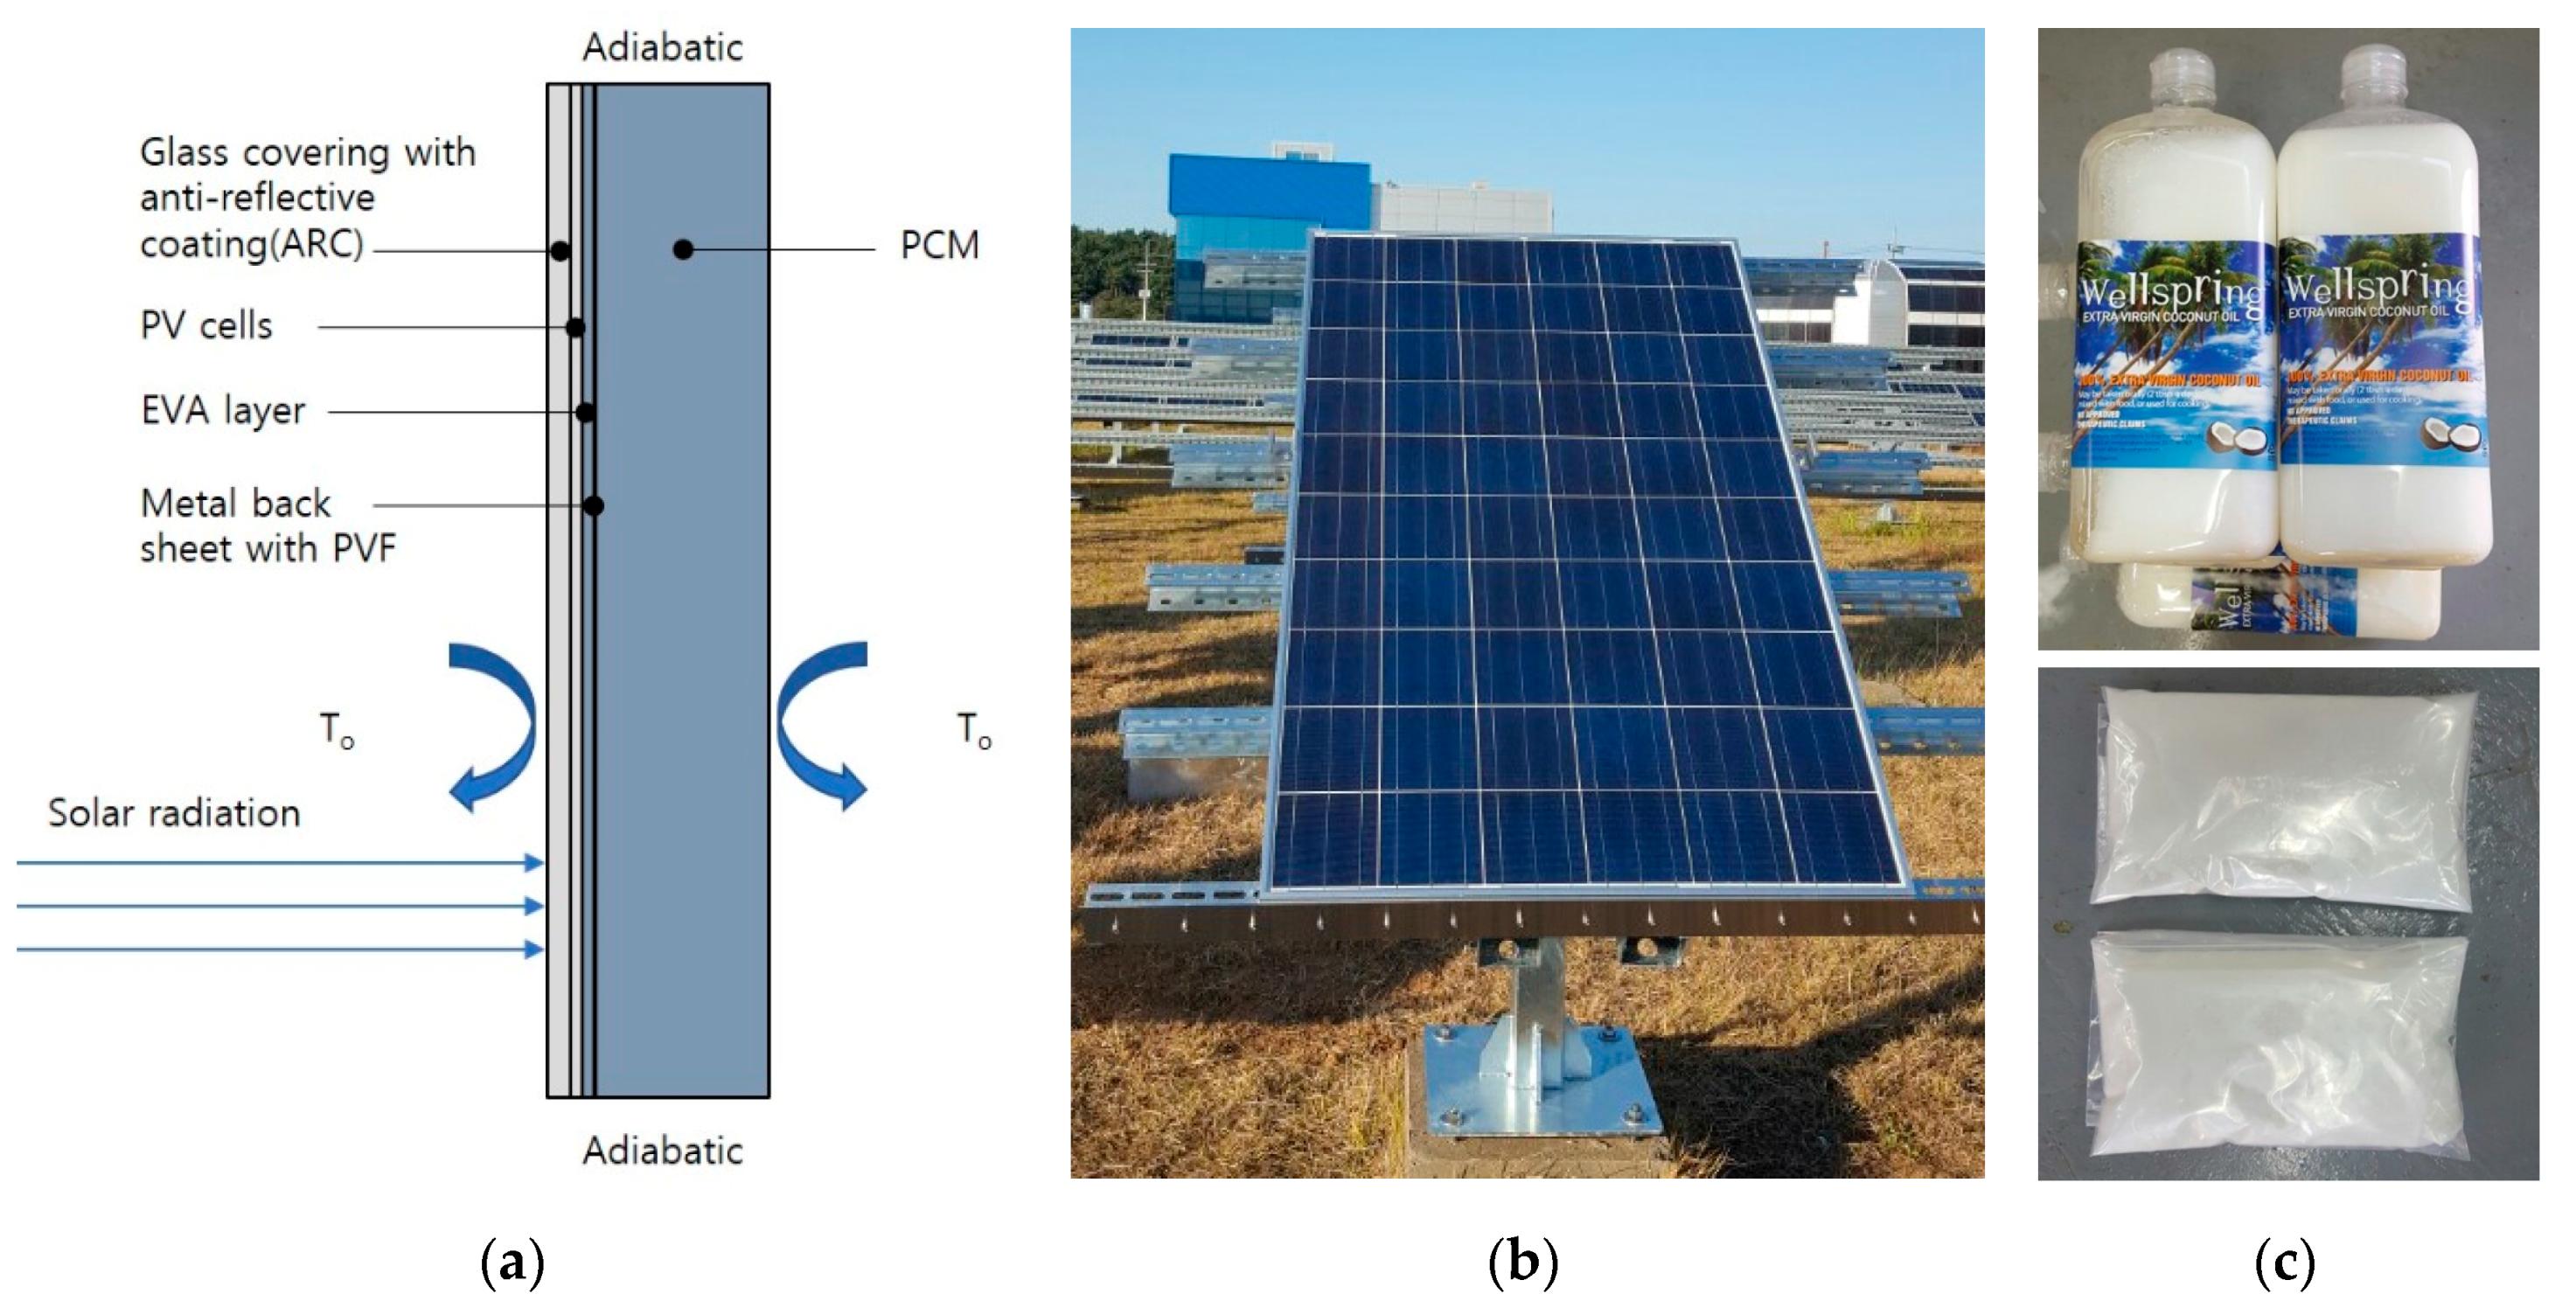 Energies Free Full Text Diurnal Thermal Behavior Of